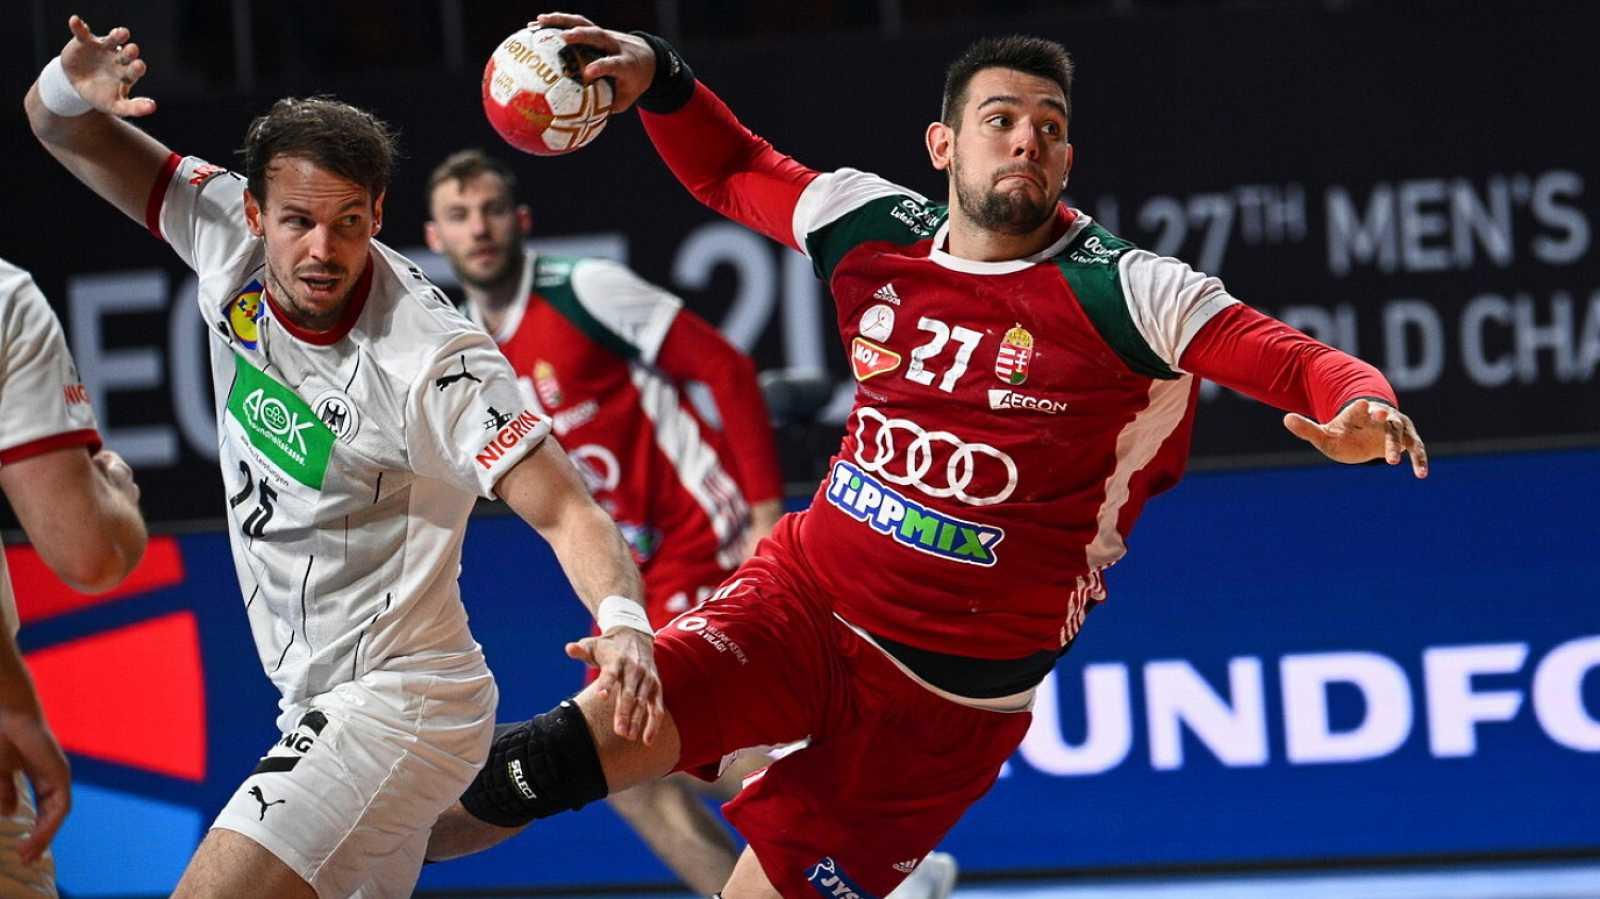 Balonmano - Campeonato del Mundo masculino: Alemania - Hungría - ver ahora